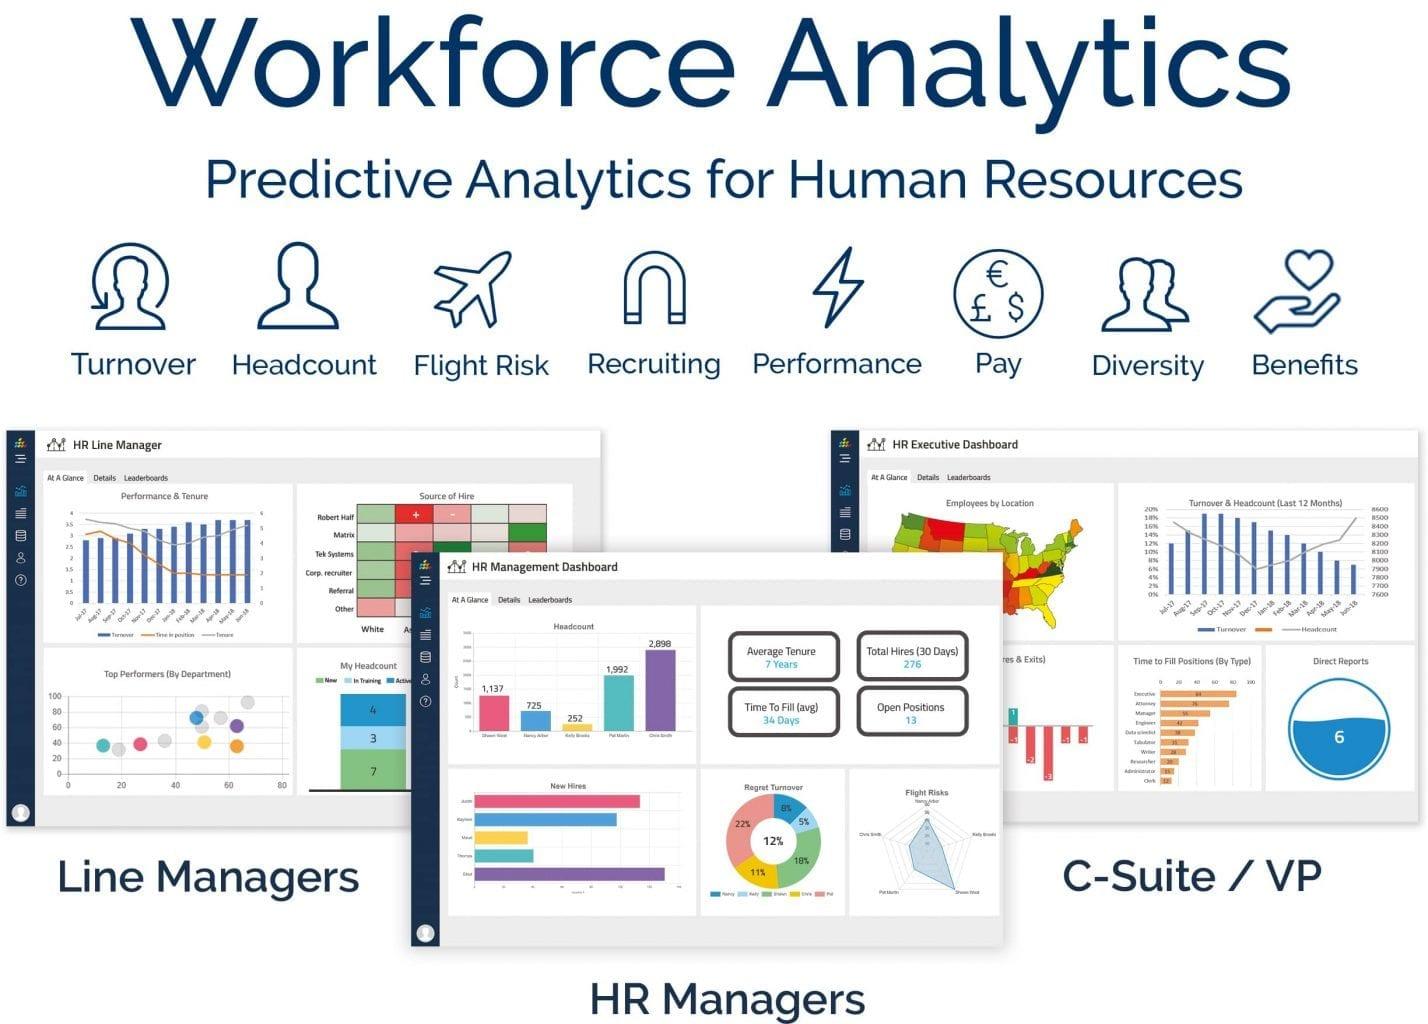 Workforce Analytics, predictive analytics for HR. #1 HR analytics software.